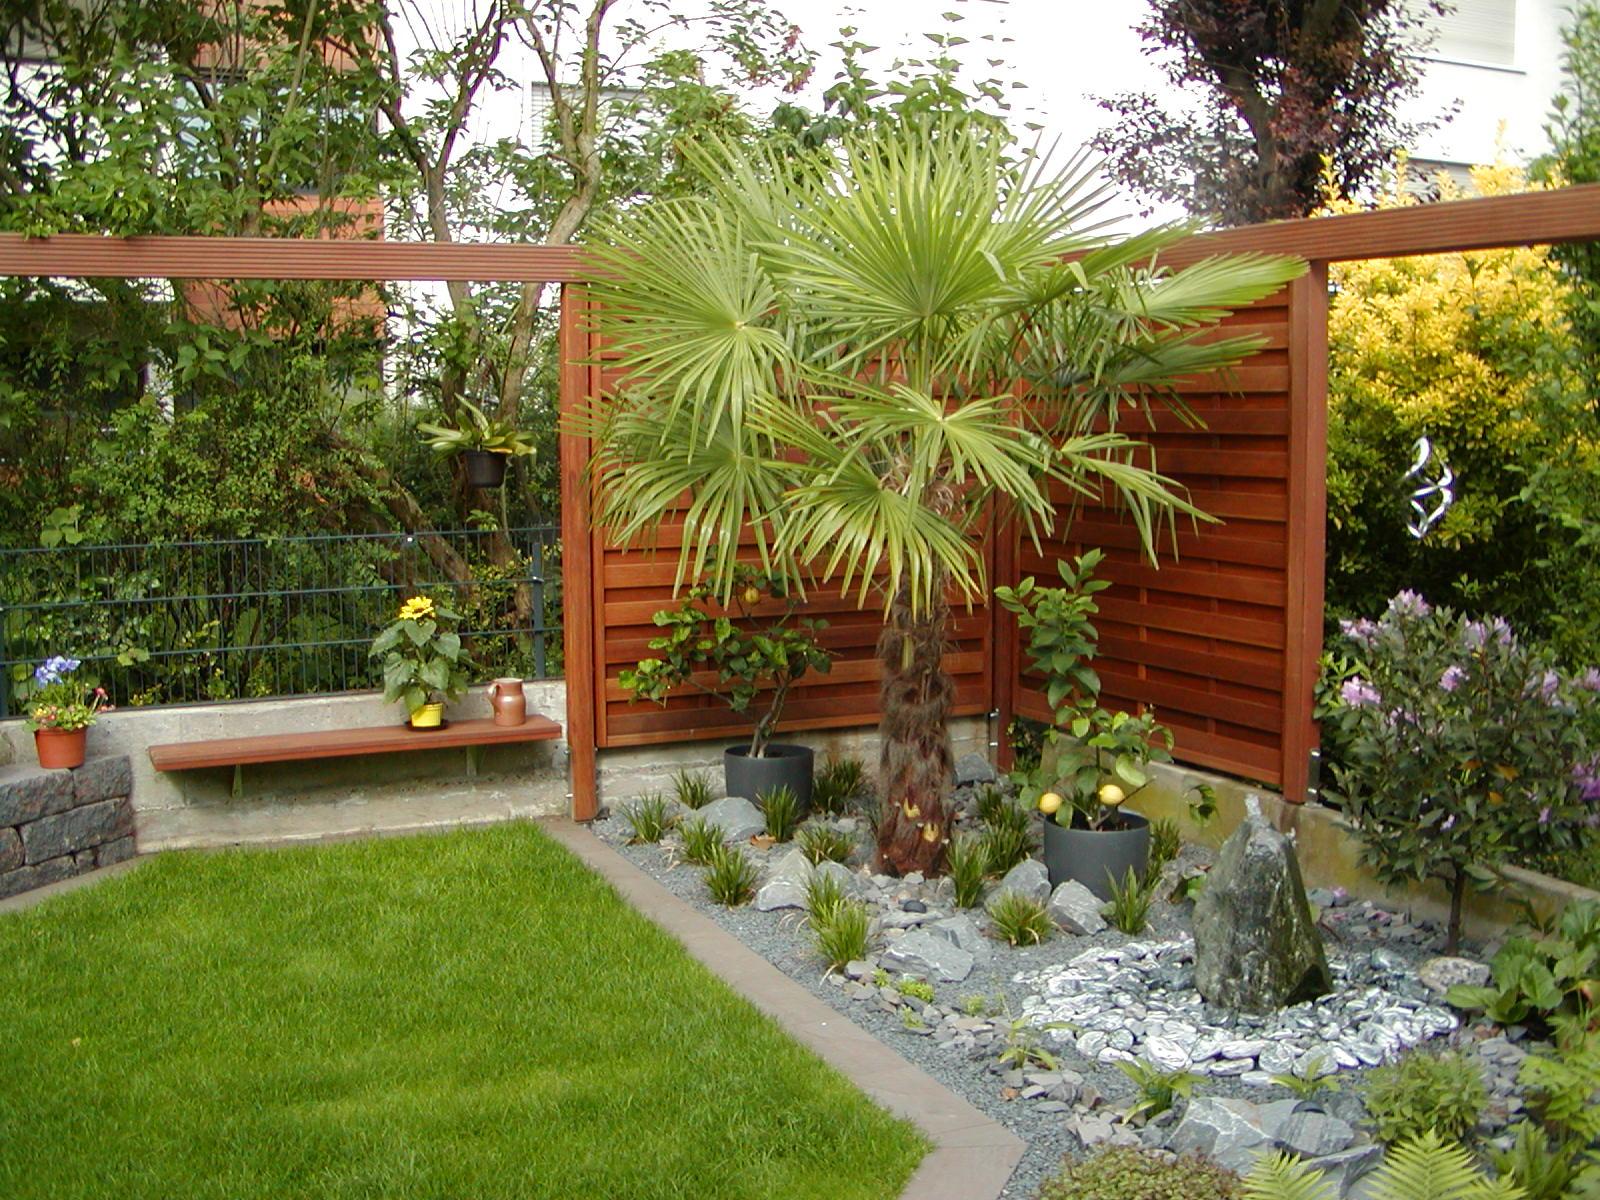 pflanzen in nanopics pflegeleichter vorgarten mit. Black Bedroom Furniture Sets. Home Design Ideas